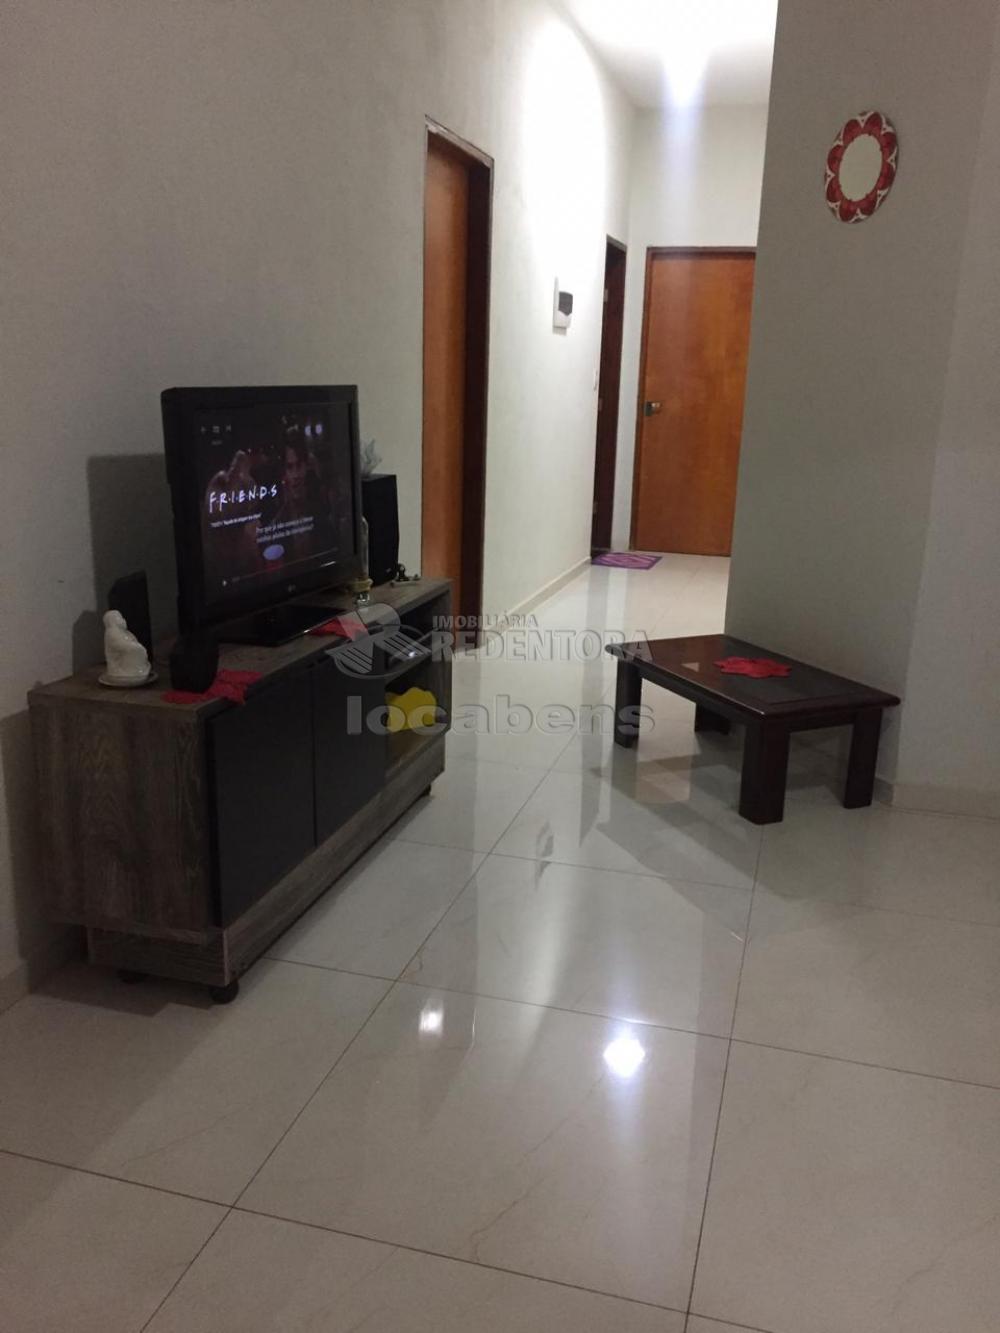 Comprar Casa / Padrão em José Bonifácio R$ 250.000,00 - Foto 5